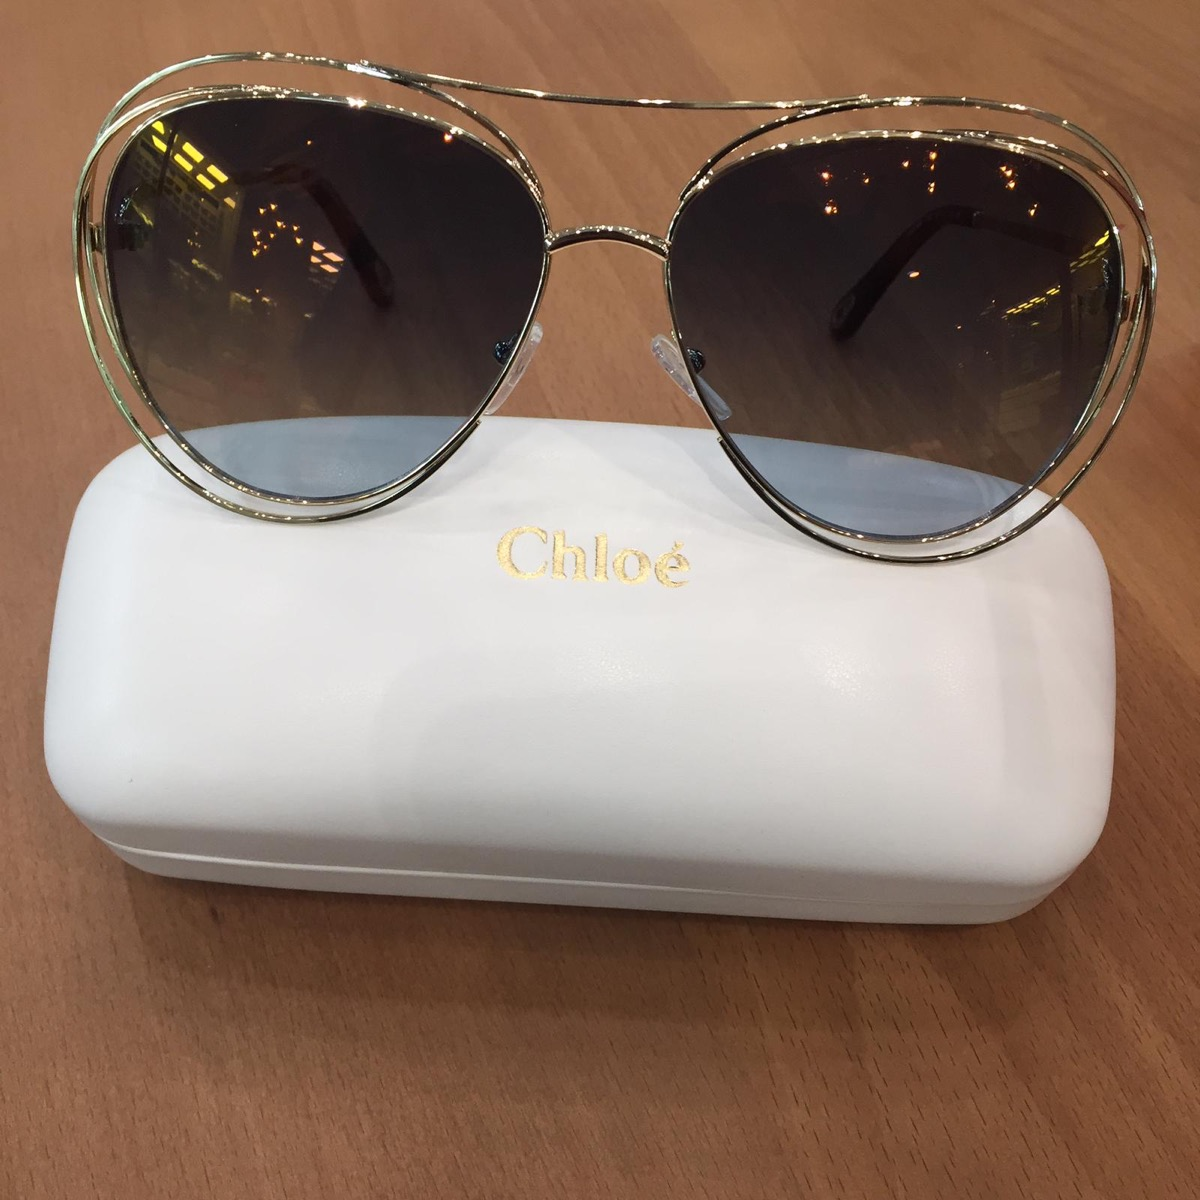 a0706a850639 Купить солнцезащитные очки Chloé за 18000 руб. в интернет магазине ...